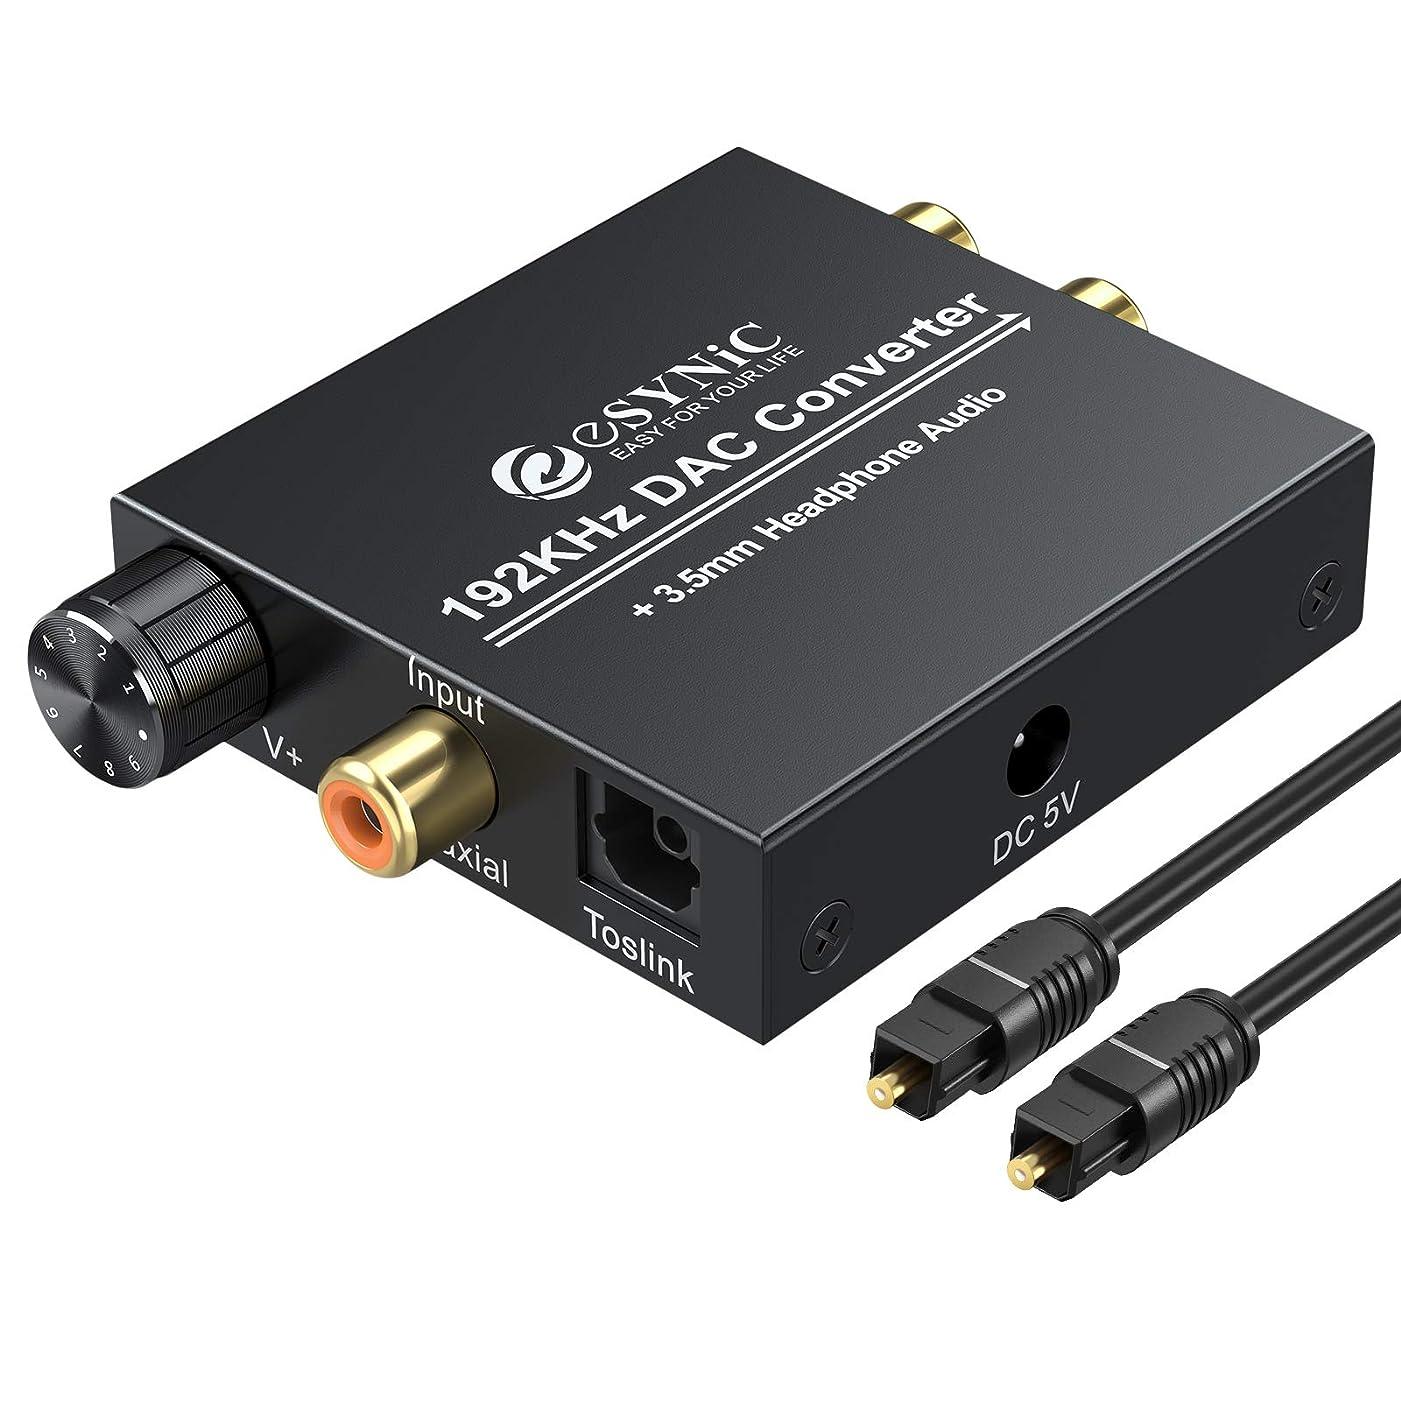 覚醒鈍い四eSynic 192KHz デジタル アナログ 変換器 音量調整つき 3.5mmジャック付属 光ケープル付き PS4 XBox HD DVDなど対応